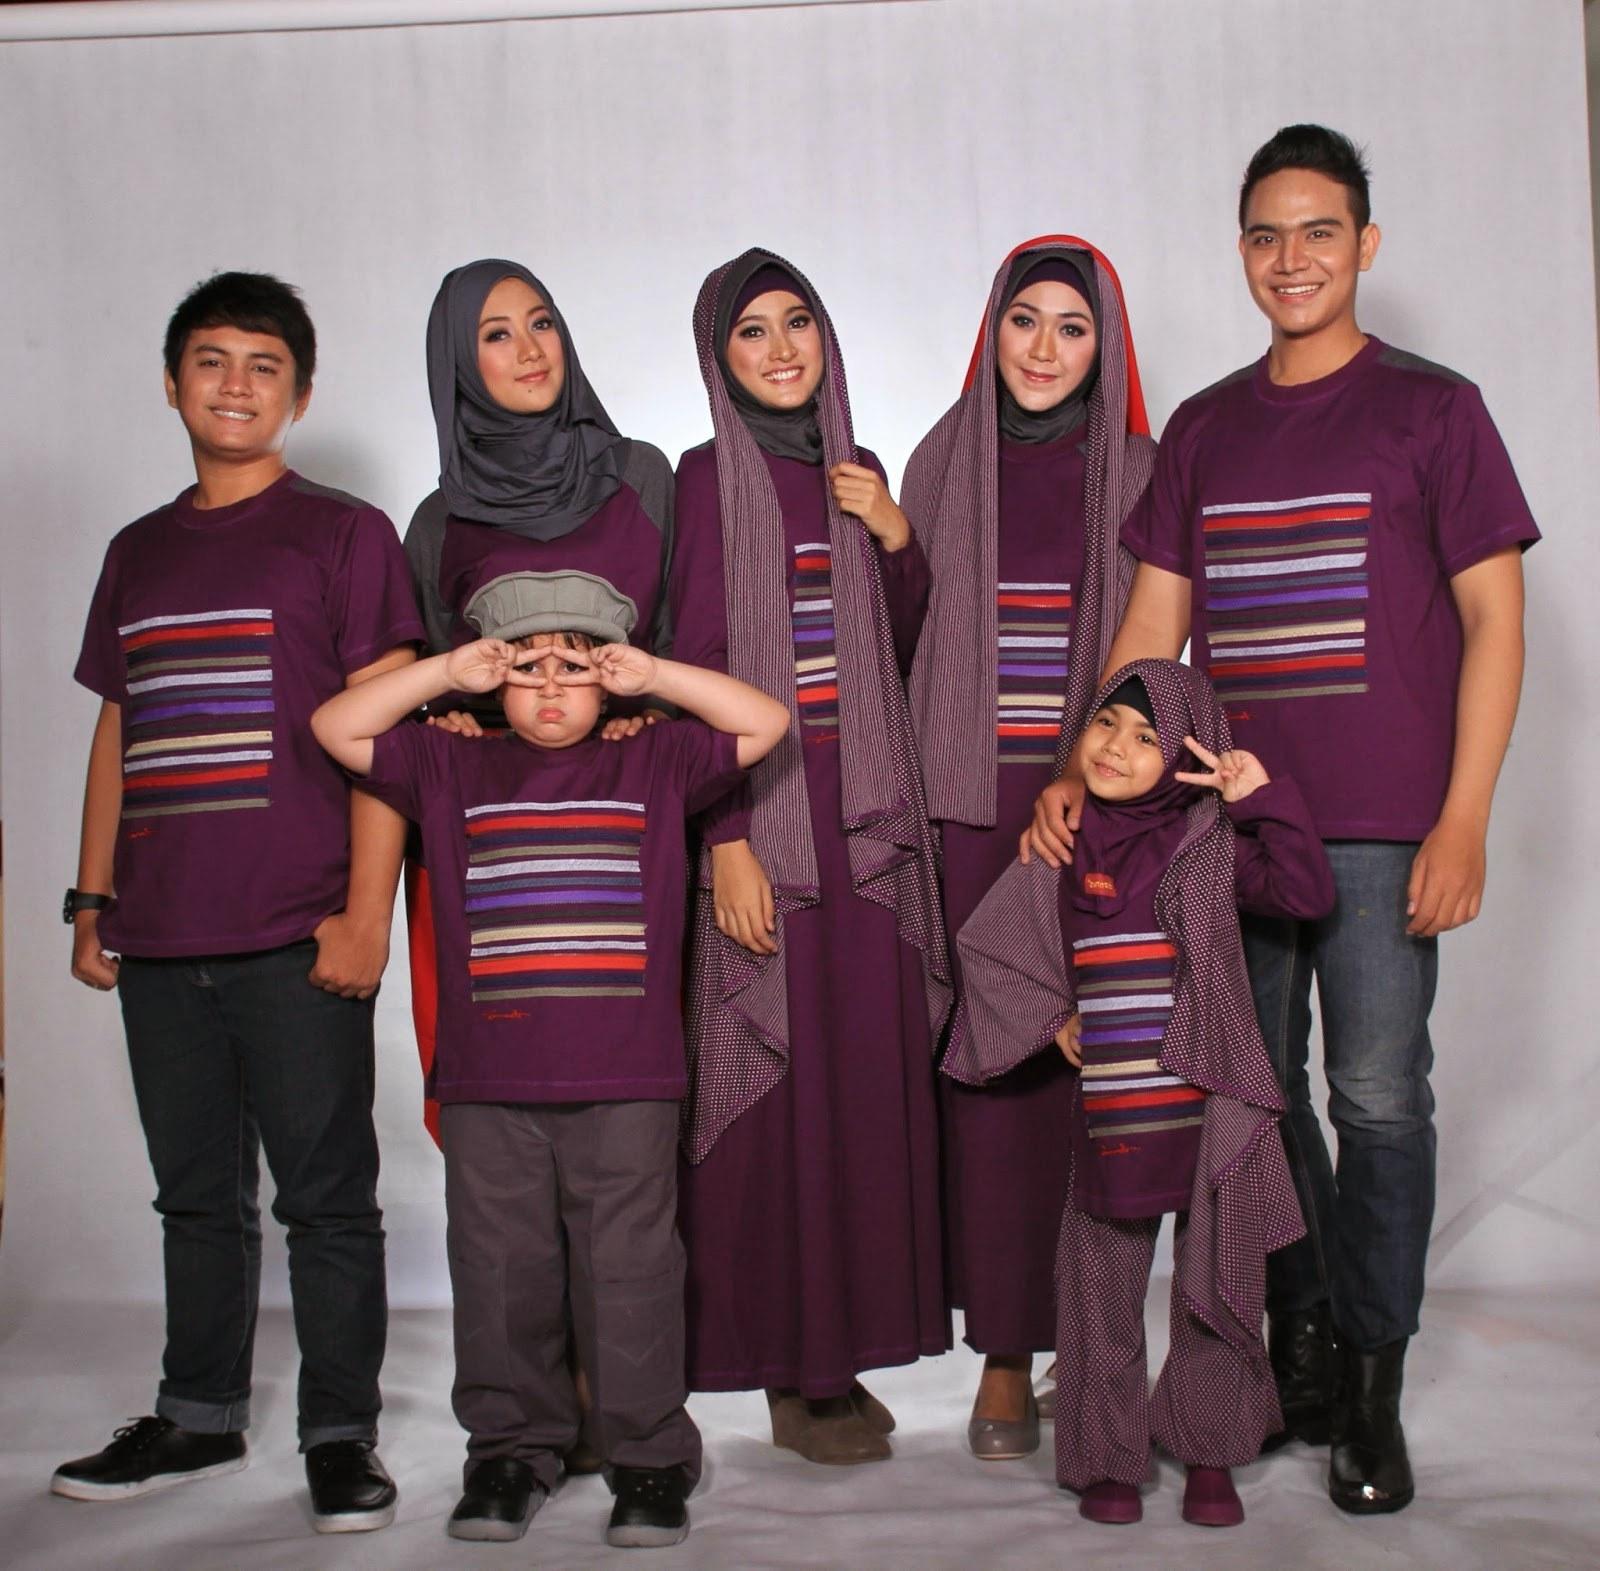 Inspirasi Baju Lebaran Anak 2018 8ydm Model Baju Keluarga Untuk Hari Raya Lebaran 2018